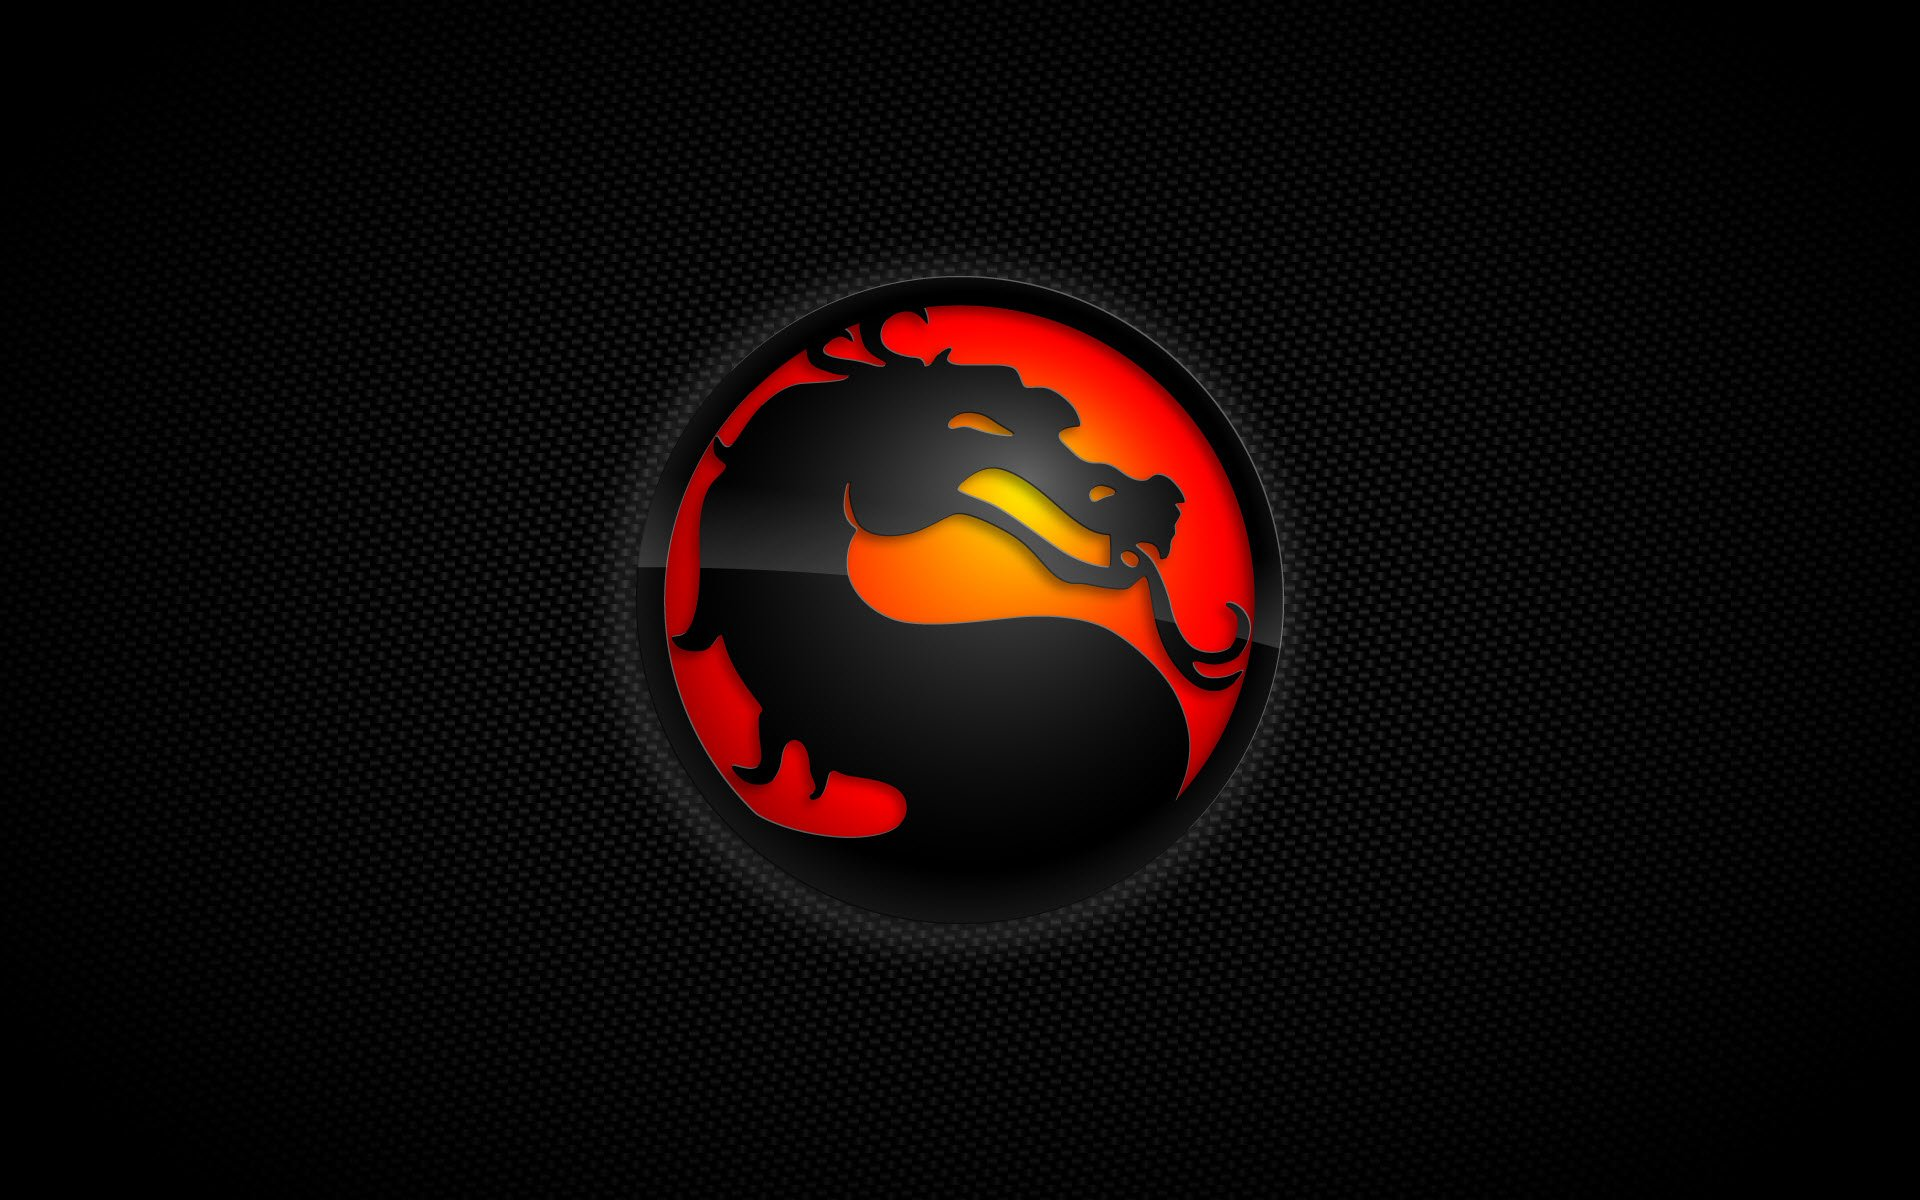 Video Game - Mortal Kombat  Movie Game Dragon Logo Wallpaper